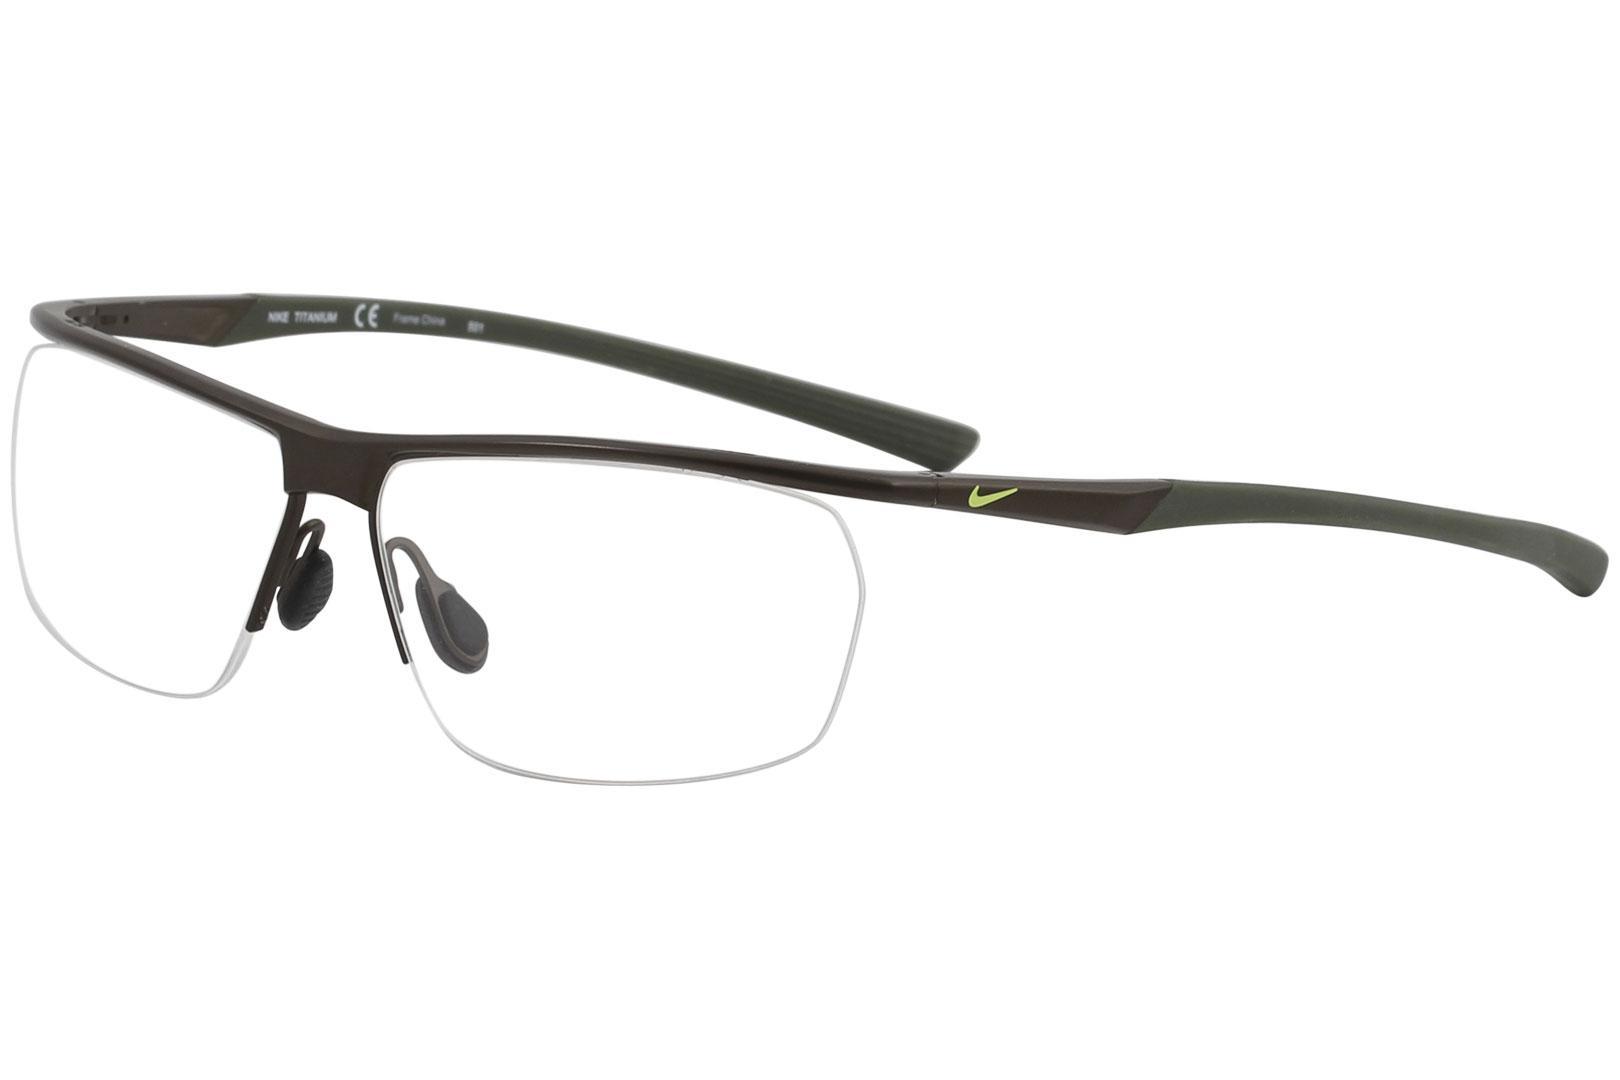 df7157fe51 Nike Men s Eyeglasses 6060 Half-Rim Optical Frame